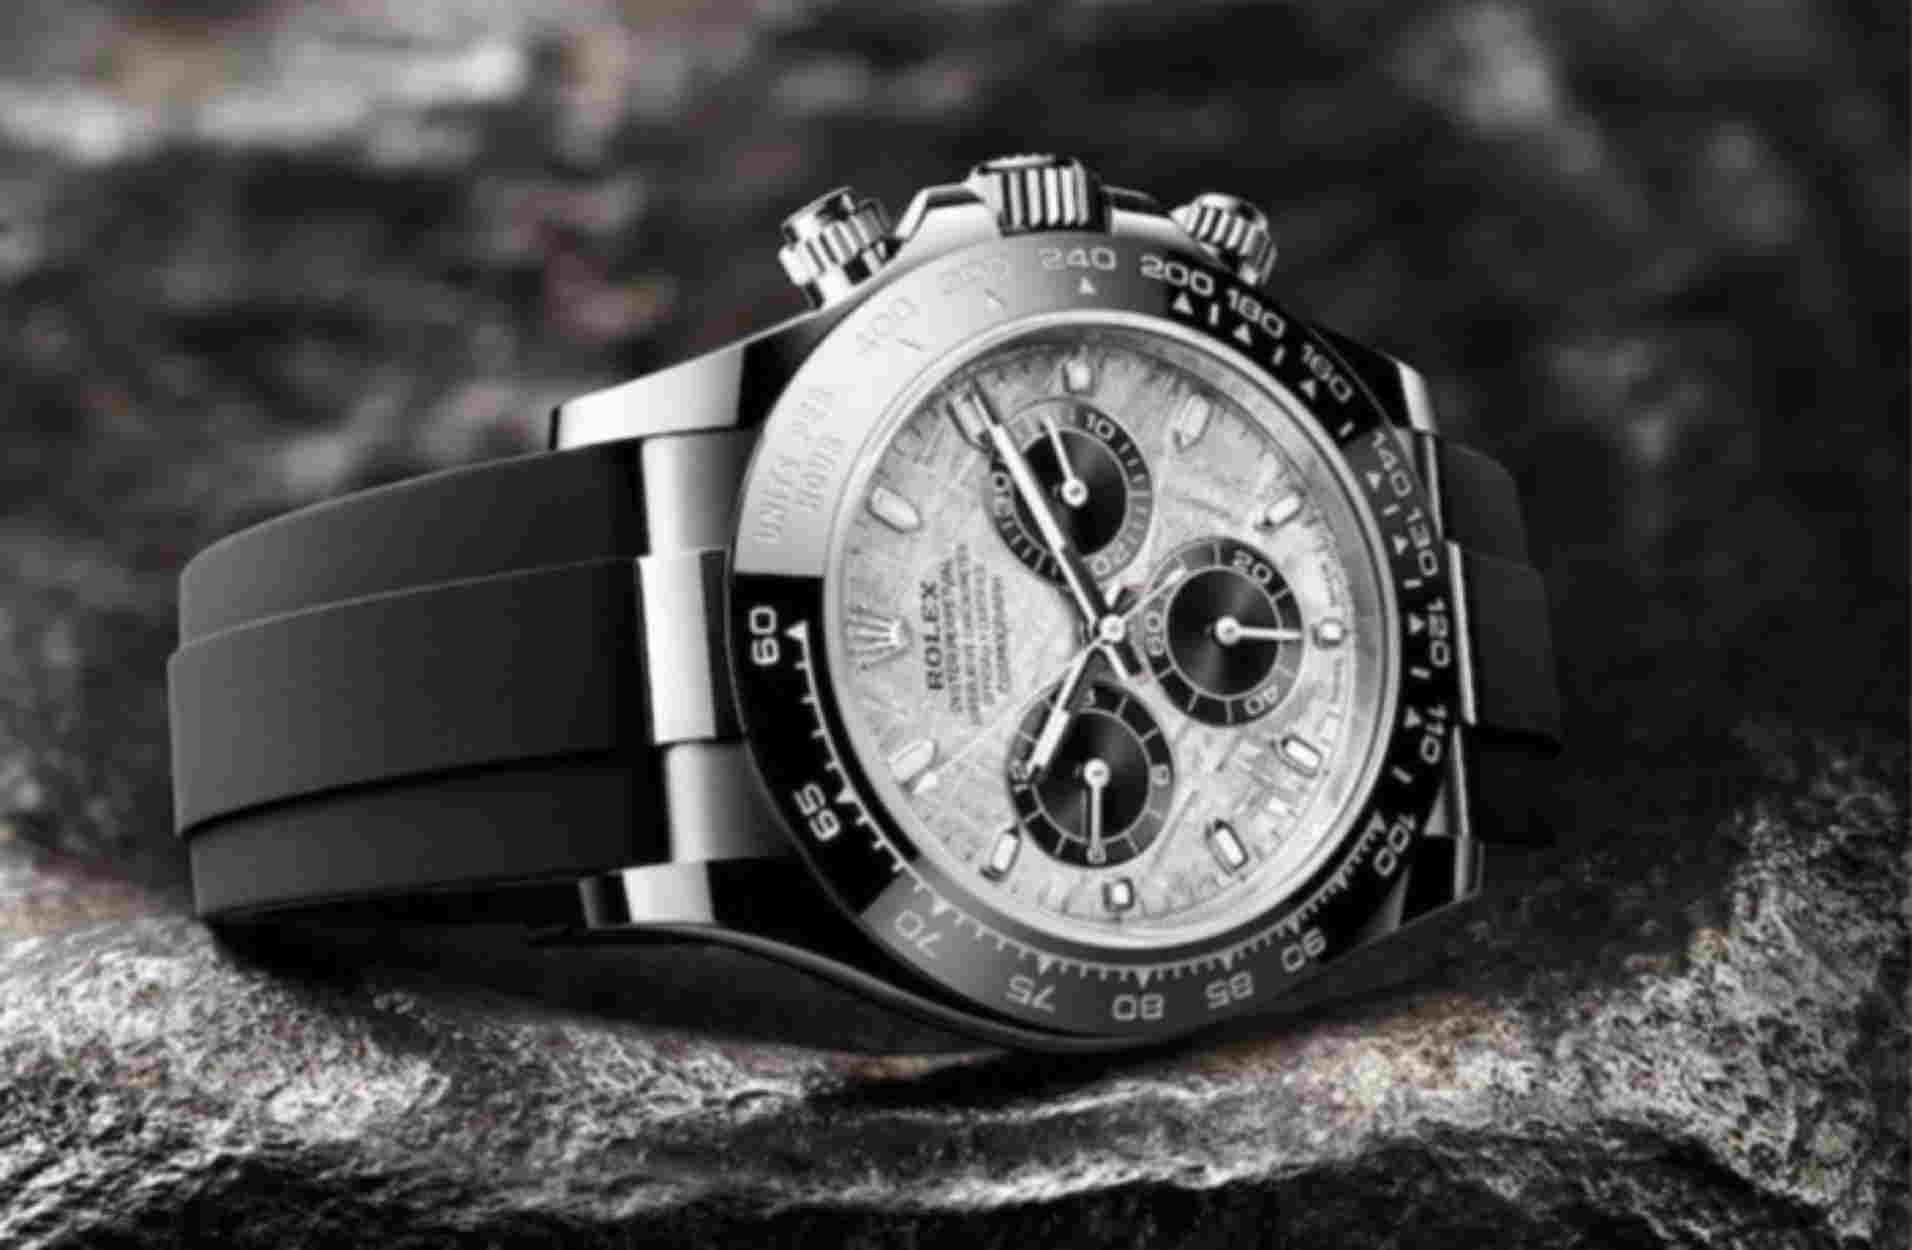 Δείτε όλα τα νέα μοντέλα της Rolex για το 2021